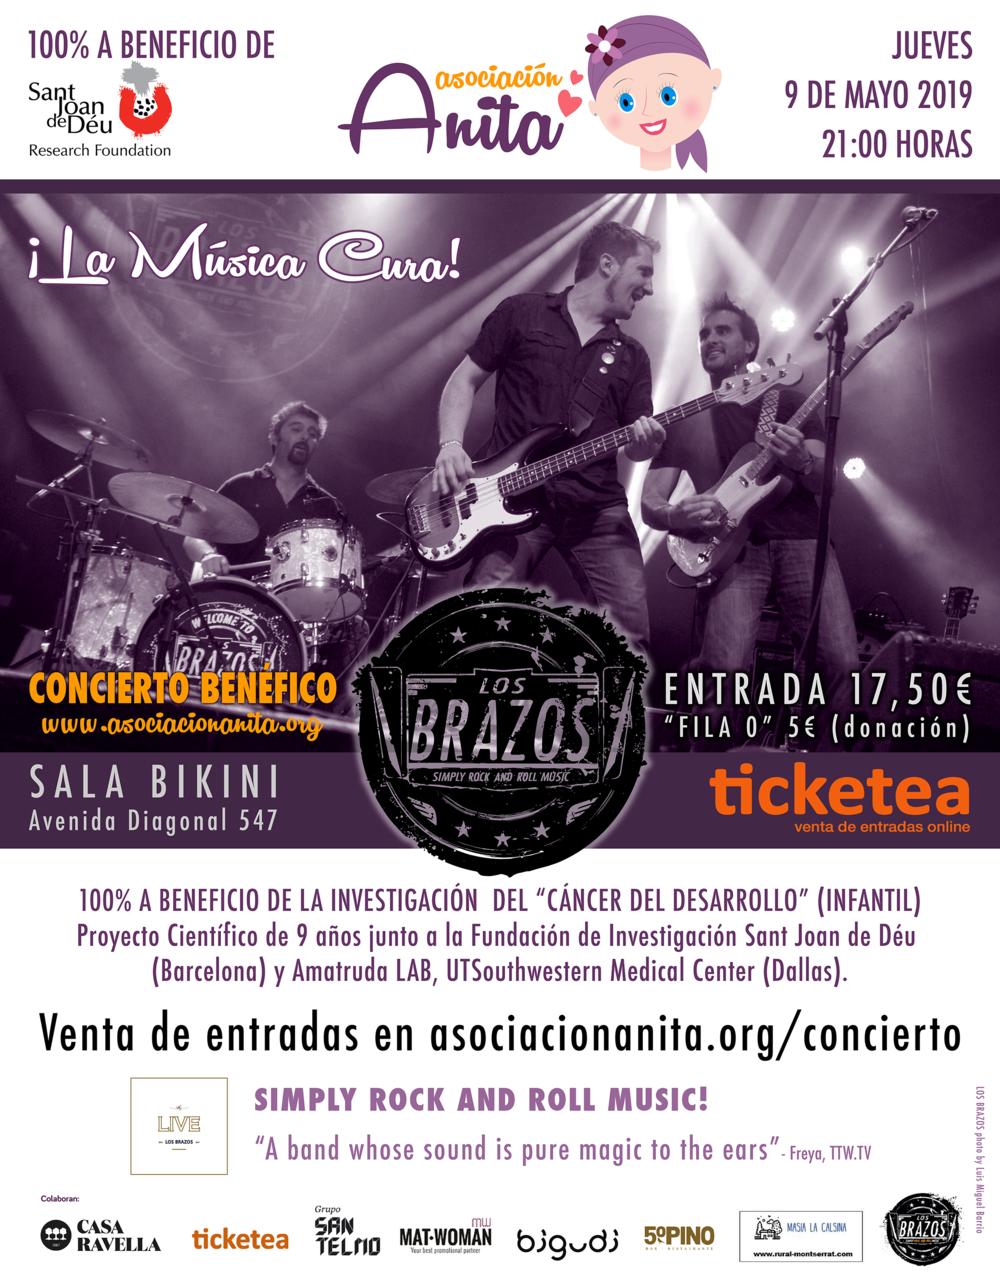 Concierto-Solidario-La_Musica_Cura-Asociacion-Anita-SalaBIKINI-9Mayo2019.jpg